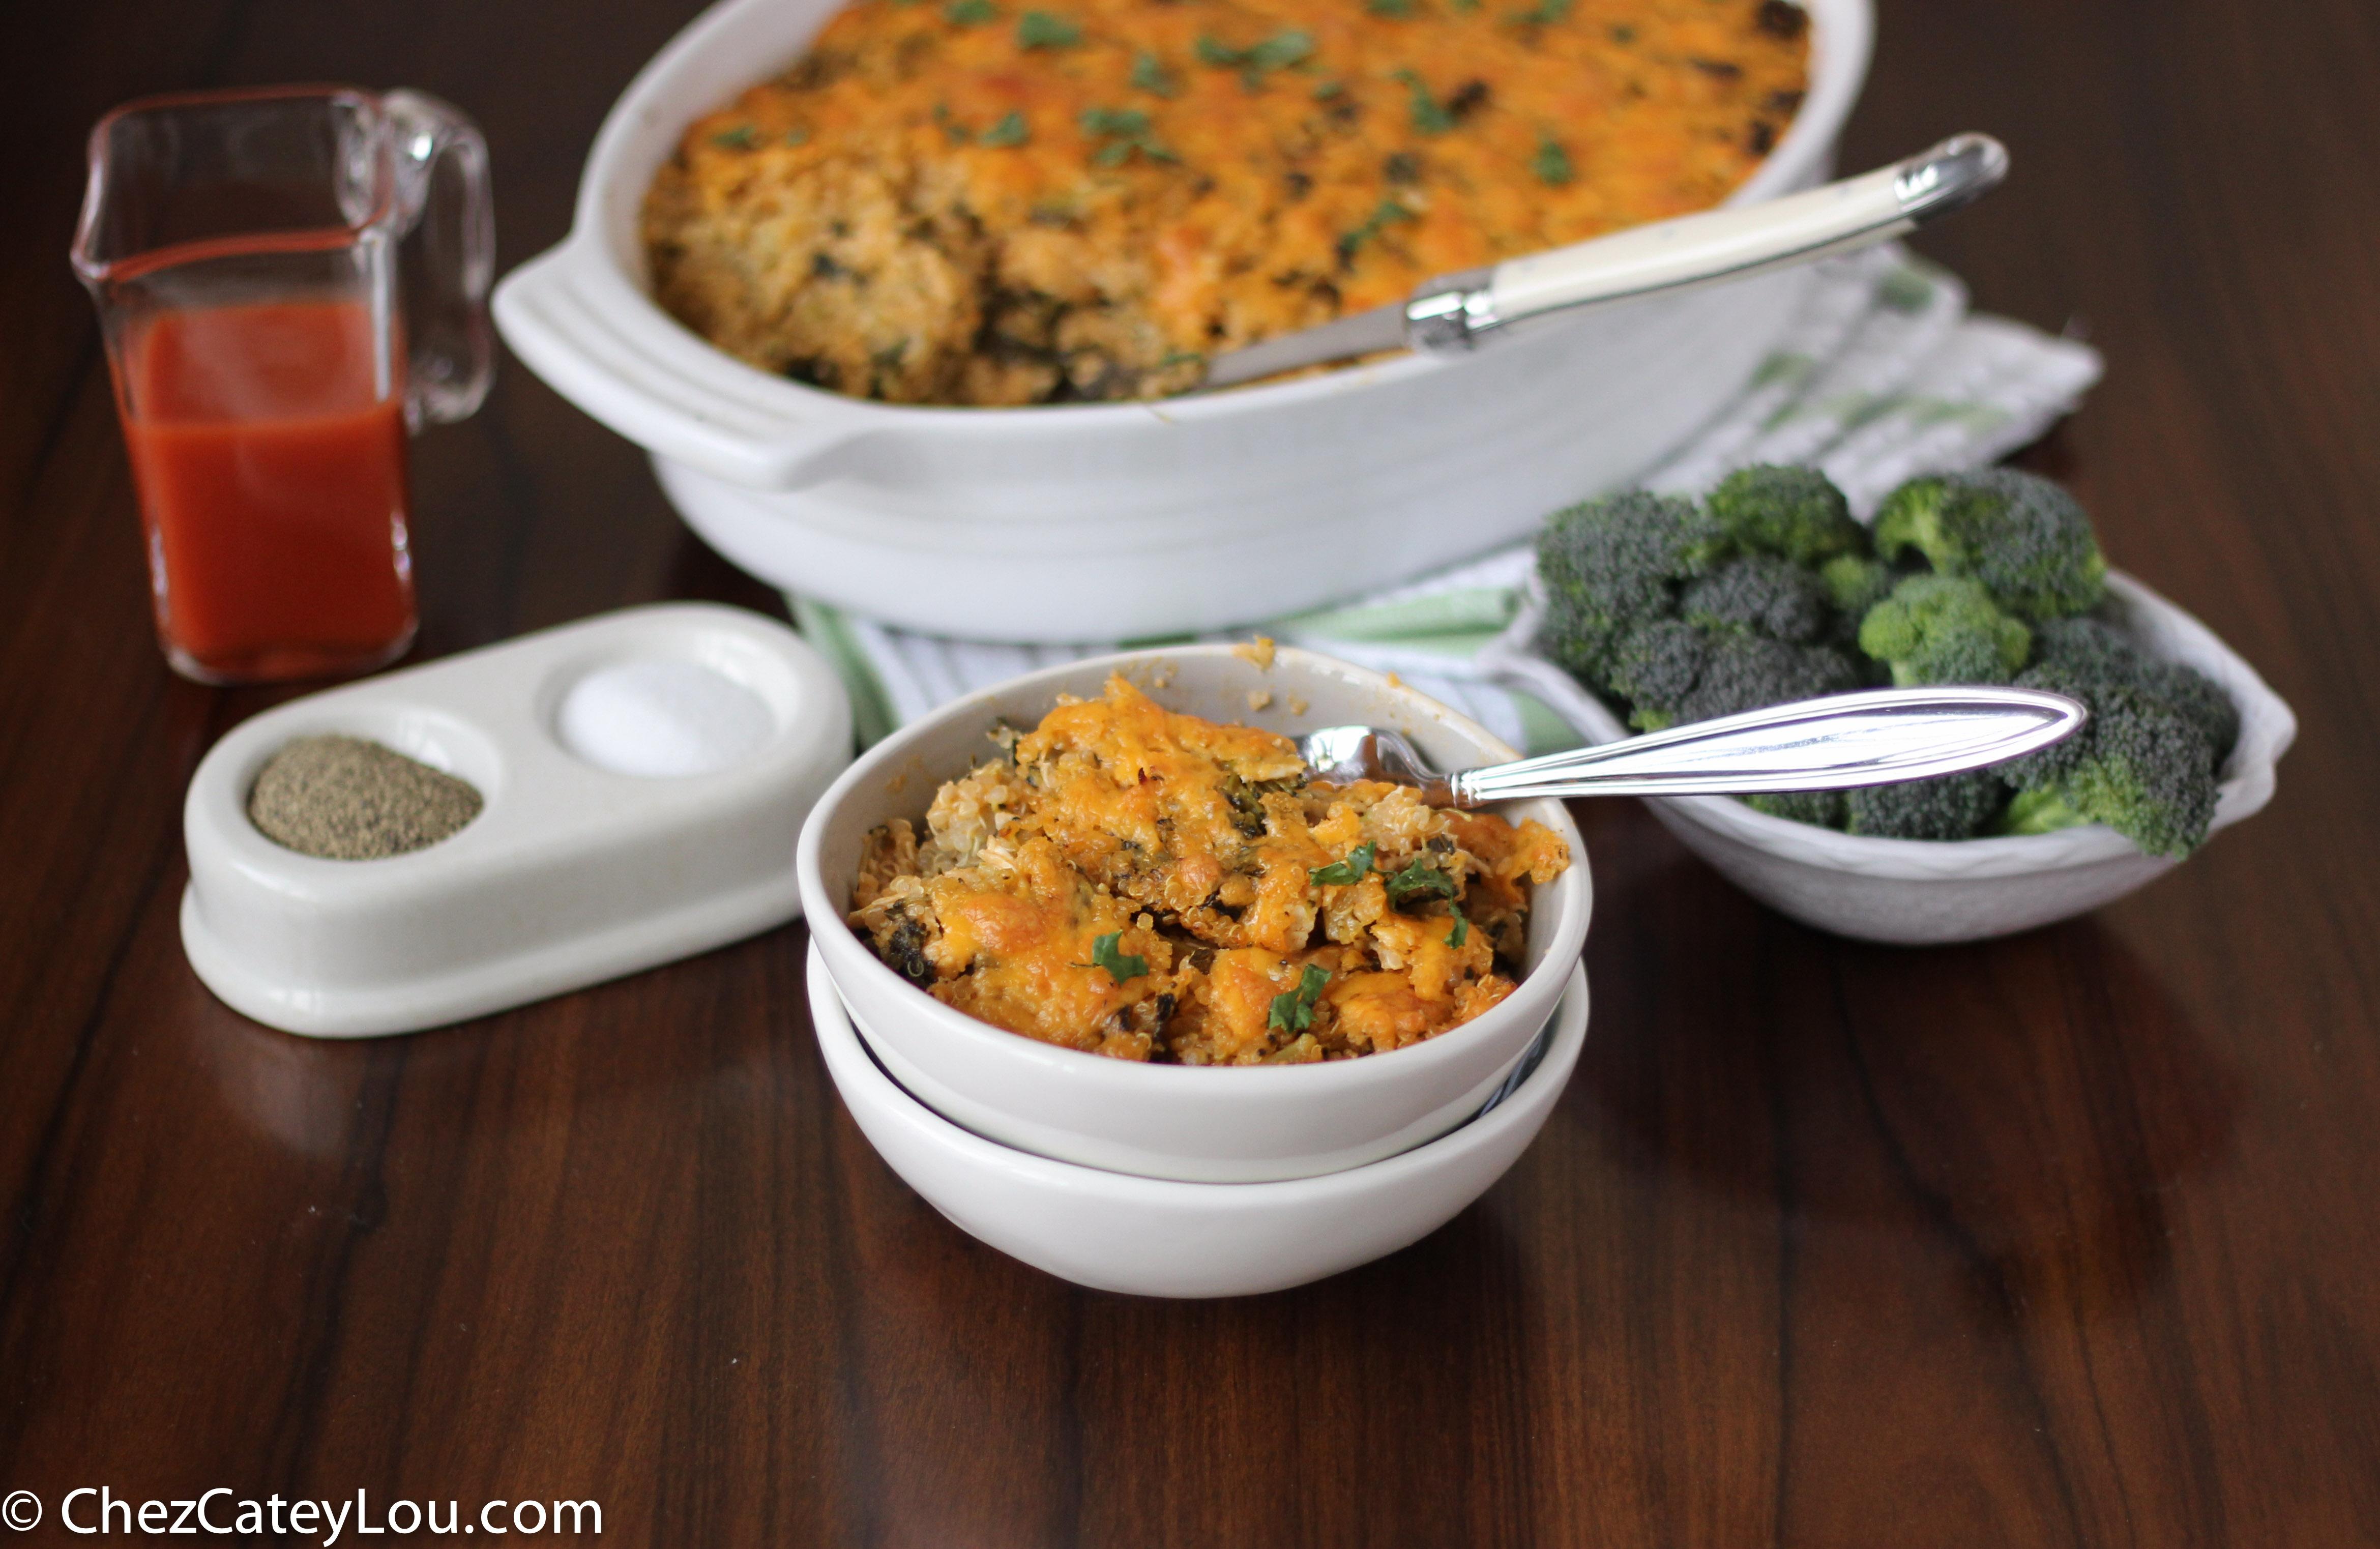 Creamy Buffalo Chicken Quinoa Bake with Broccoli and Kale